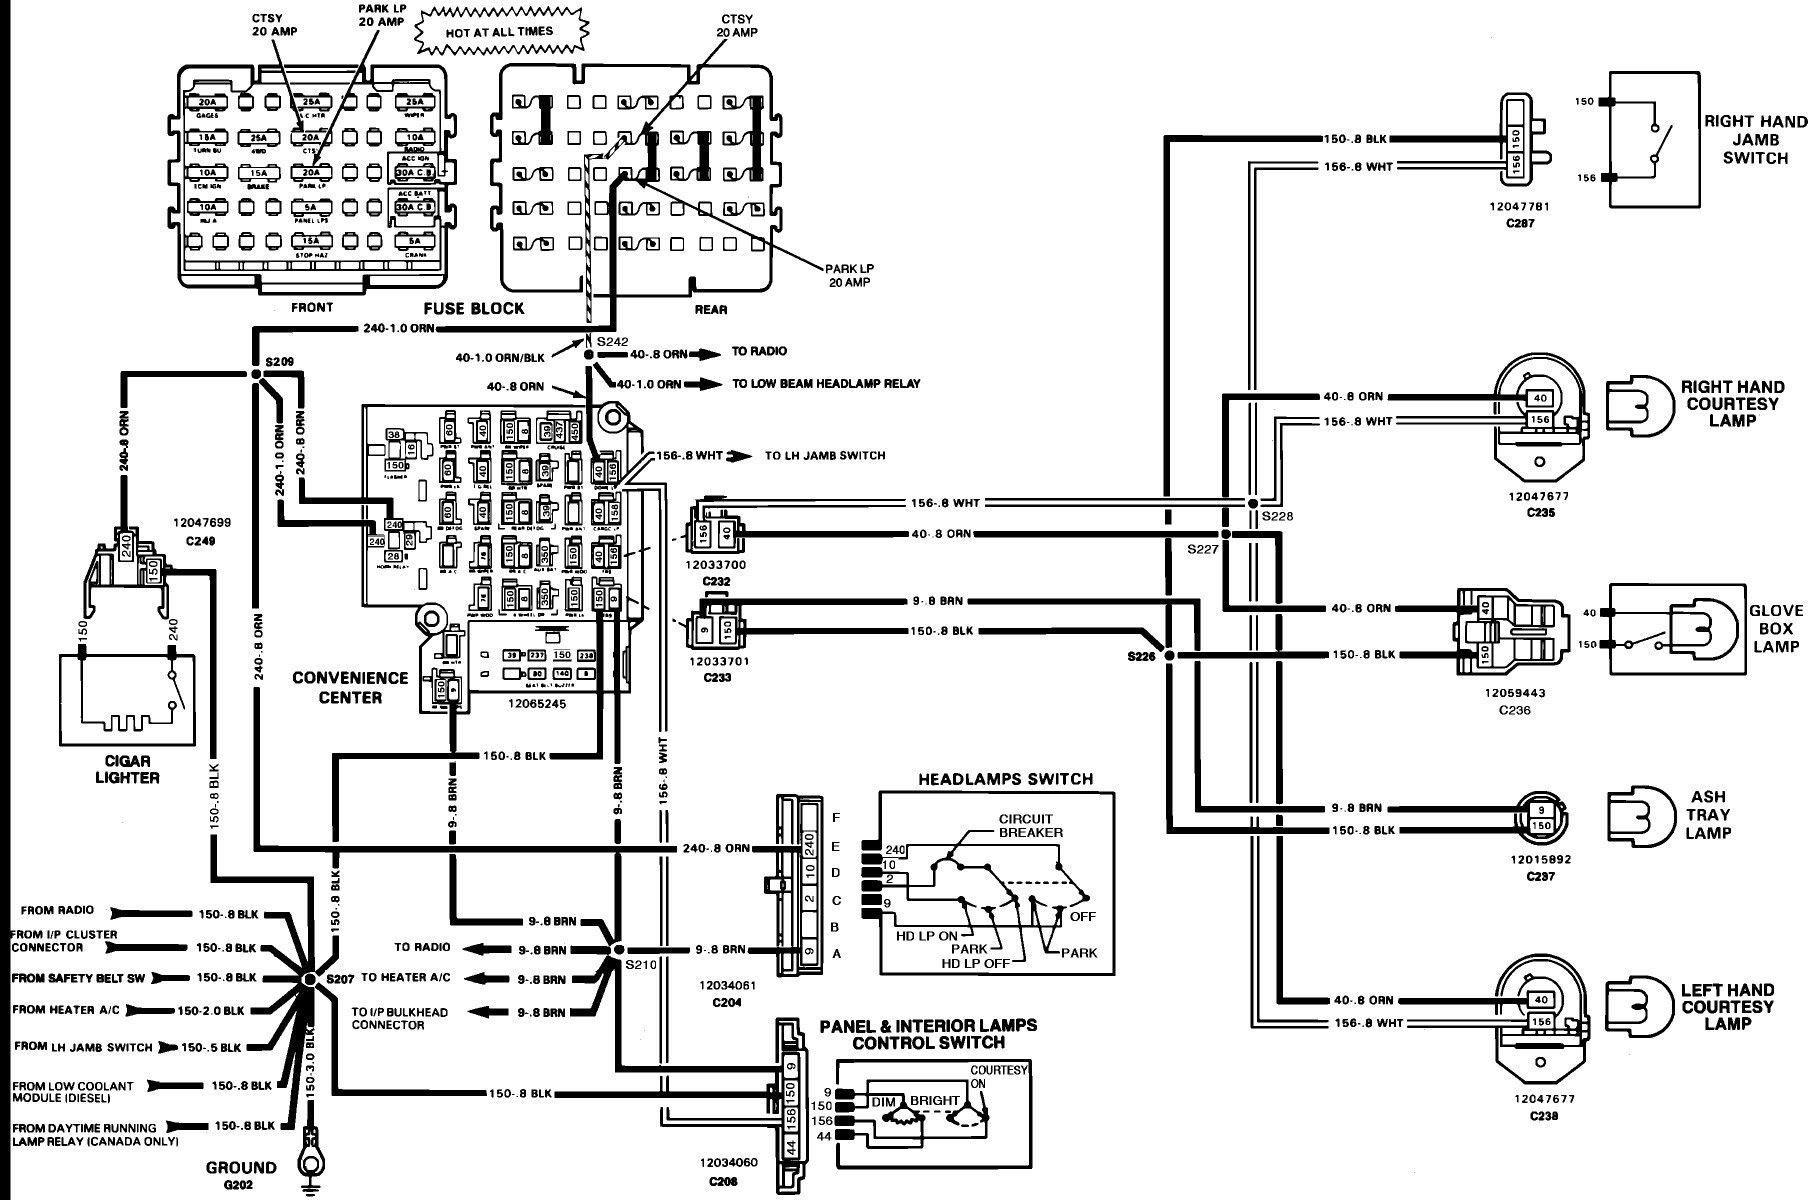 Beautiful Honda Motorcycle Wiring Diagram Symbols Diagrams Digramssample Diagramimages Wiringdiagramsample Wiringd In 2020 Electrical Diagram Diagram Chevy Trucks